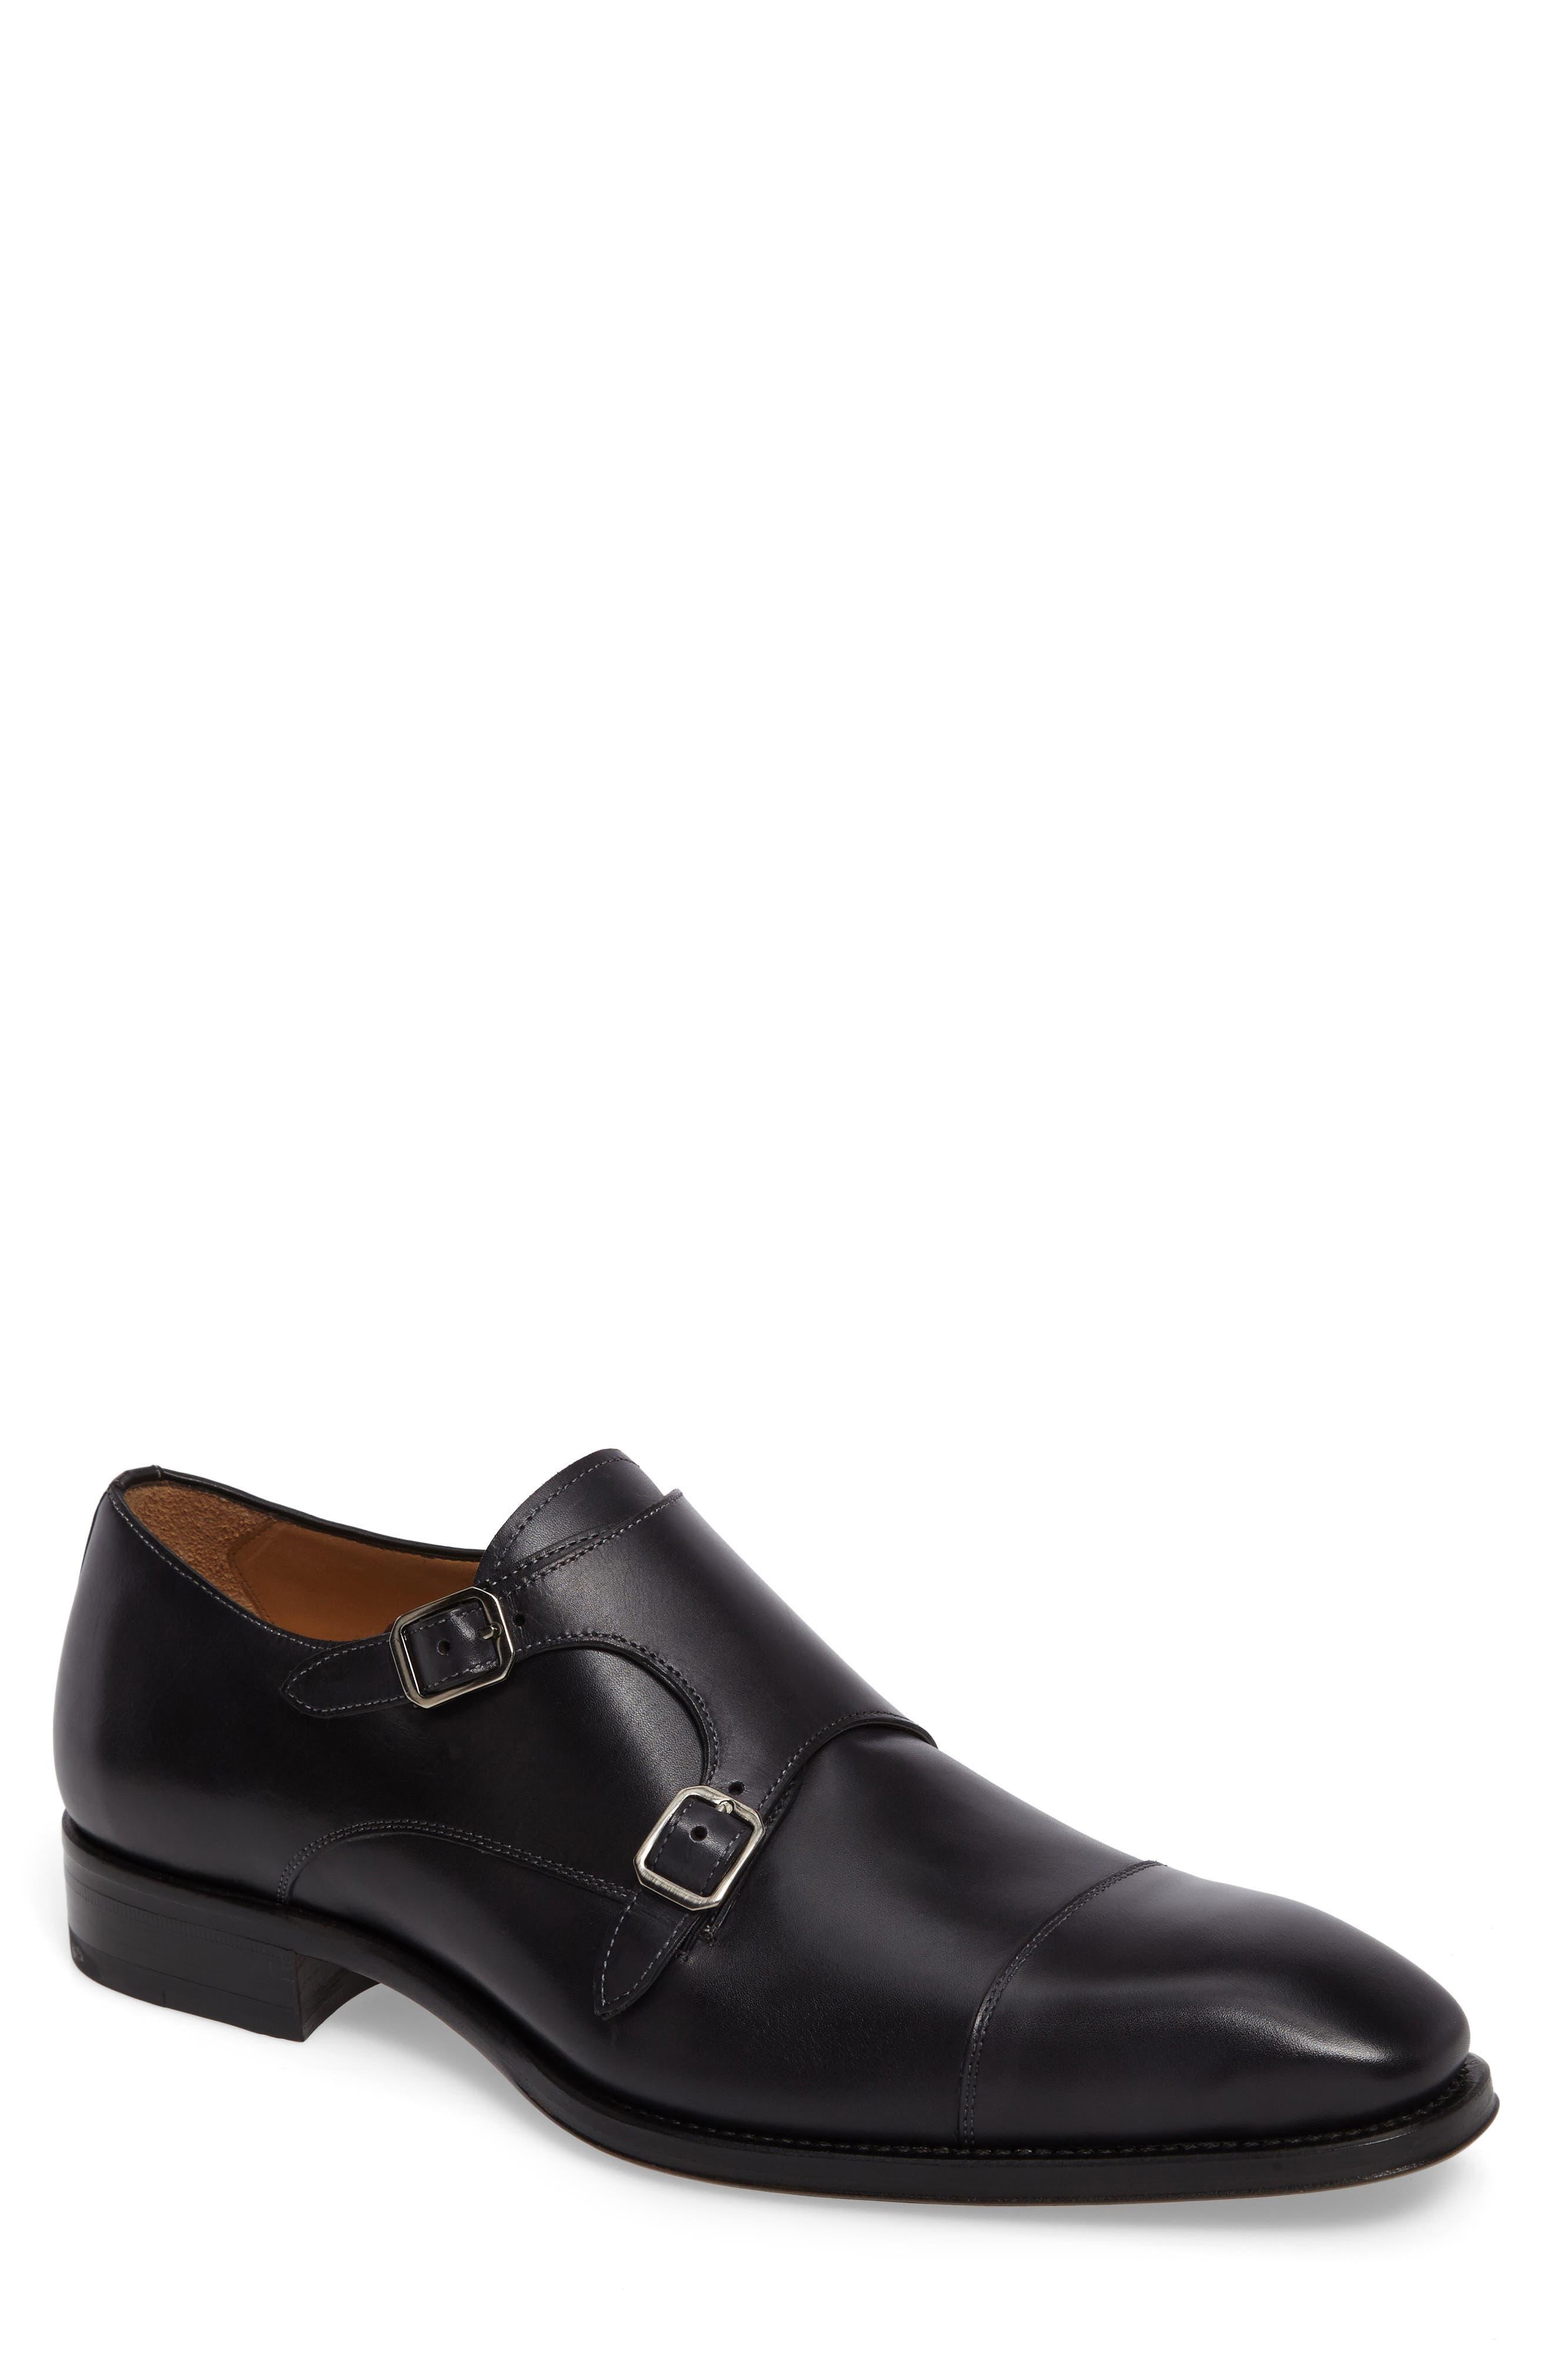 Cajal Double Monk Strap Cap Toe Shoe,                         Main,                         color, 001